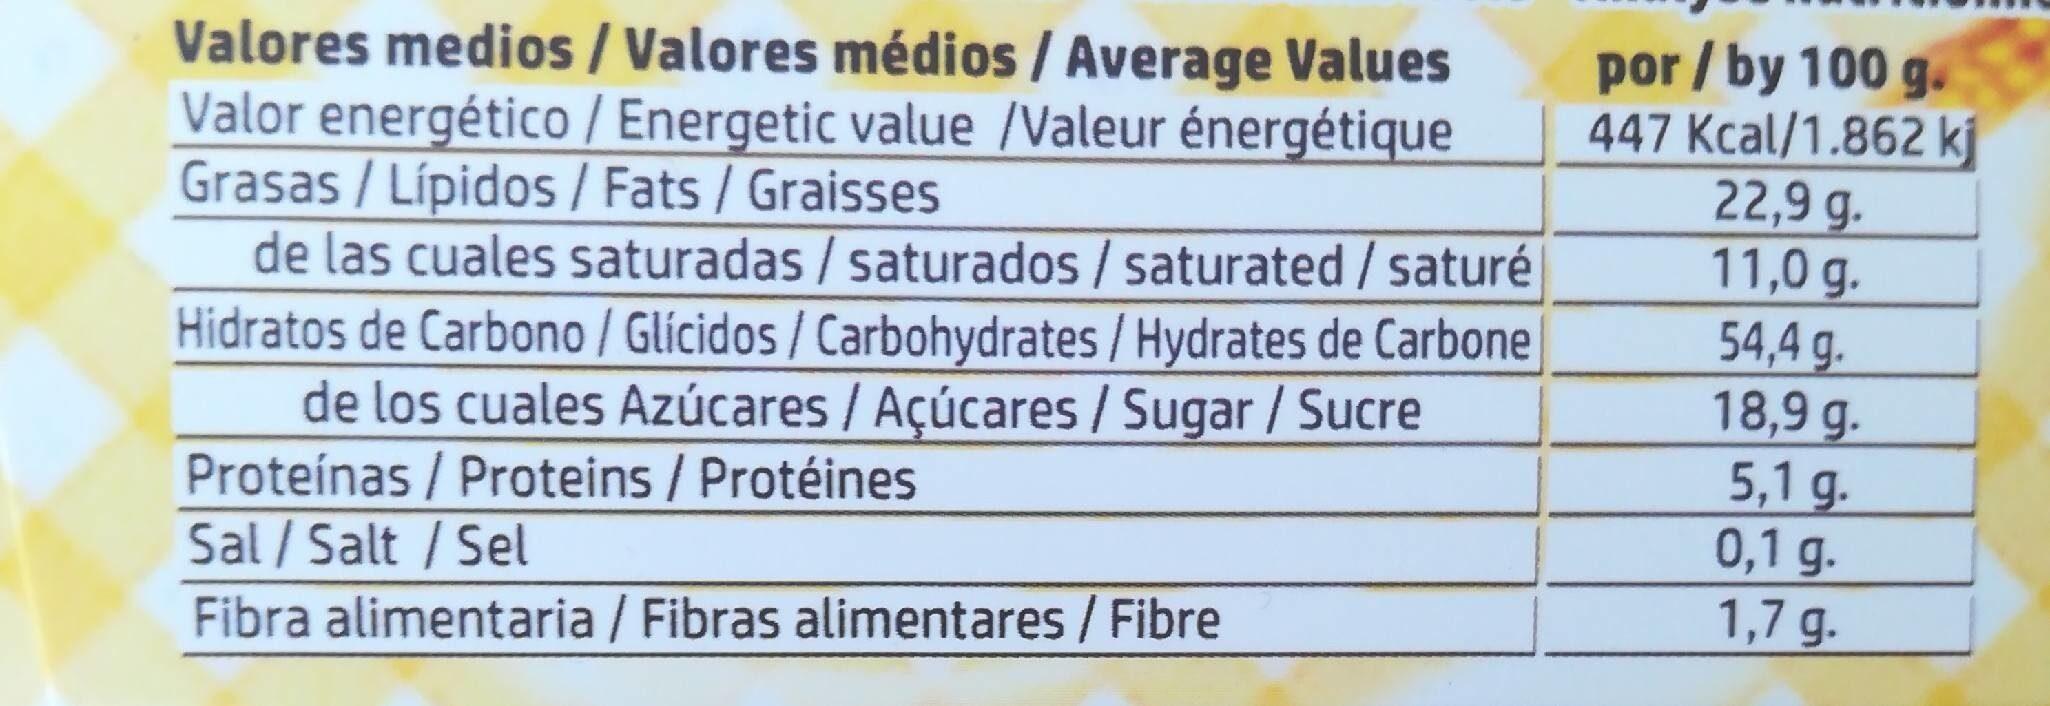 Sonrisas choc - Información nutricional - es